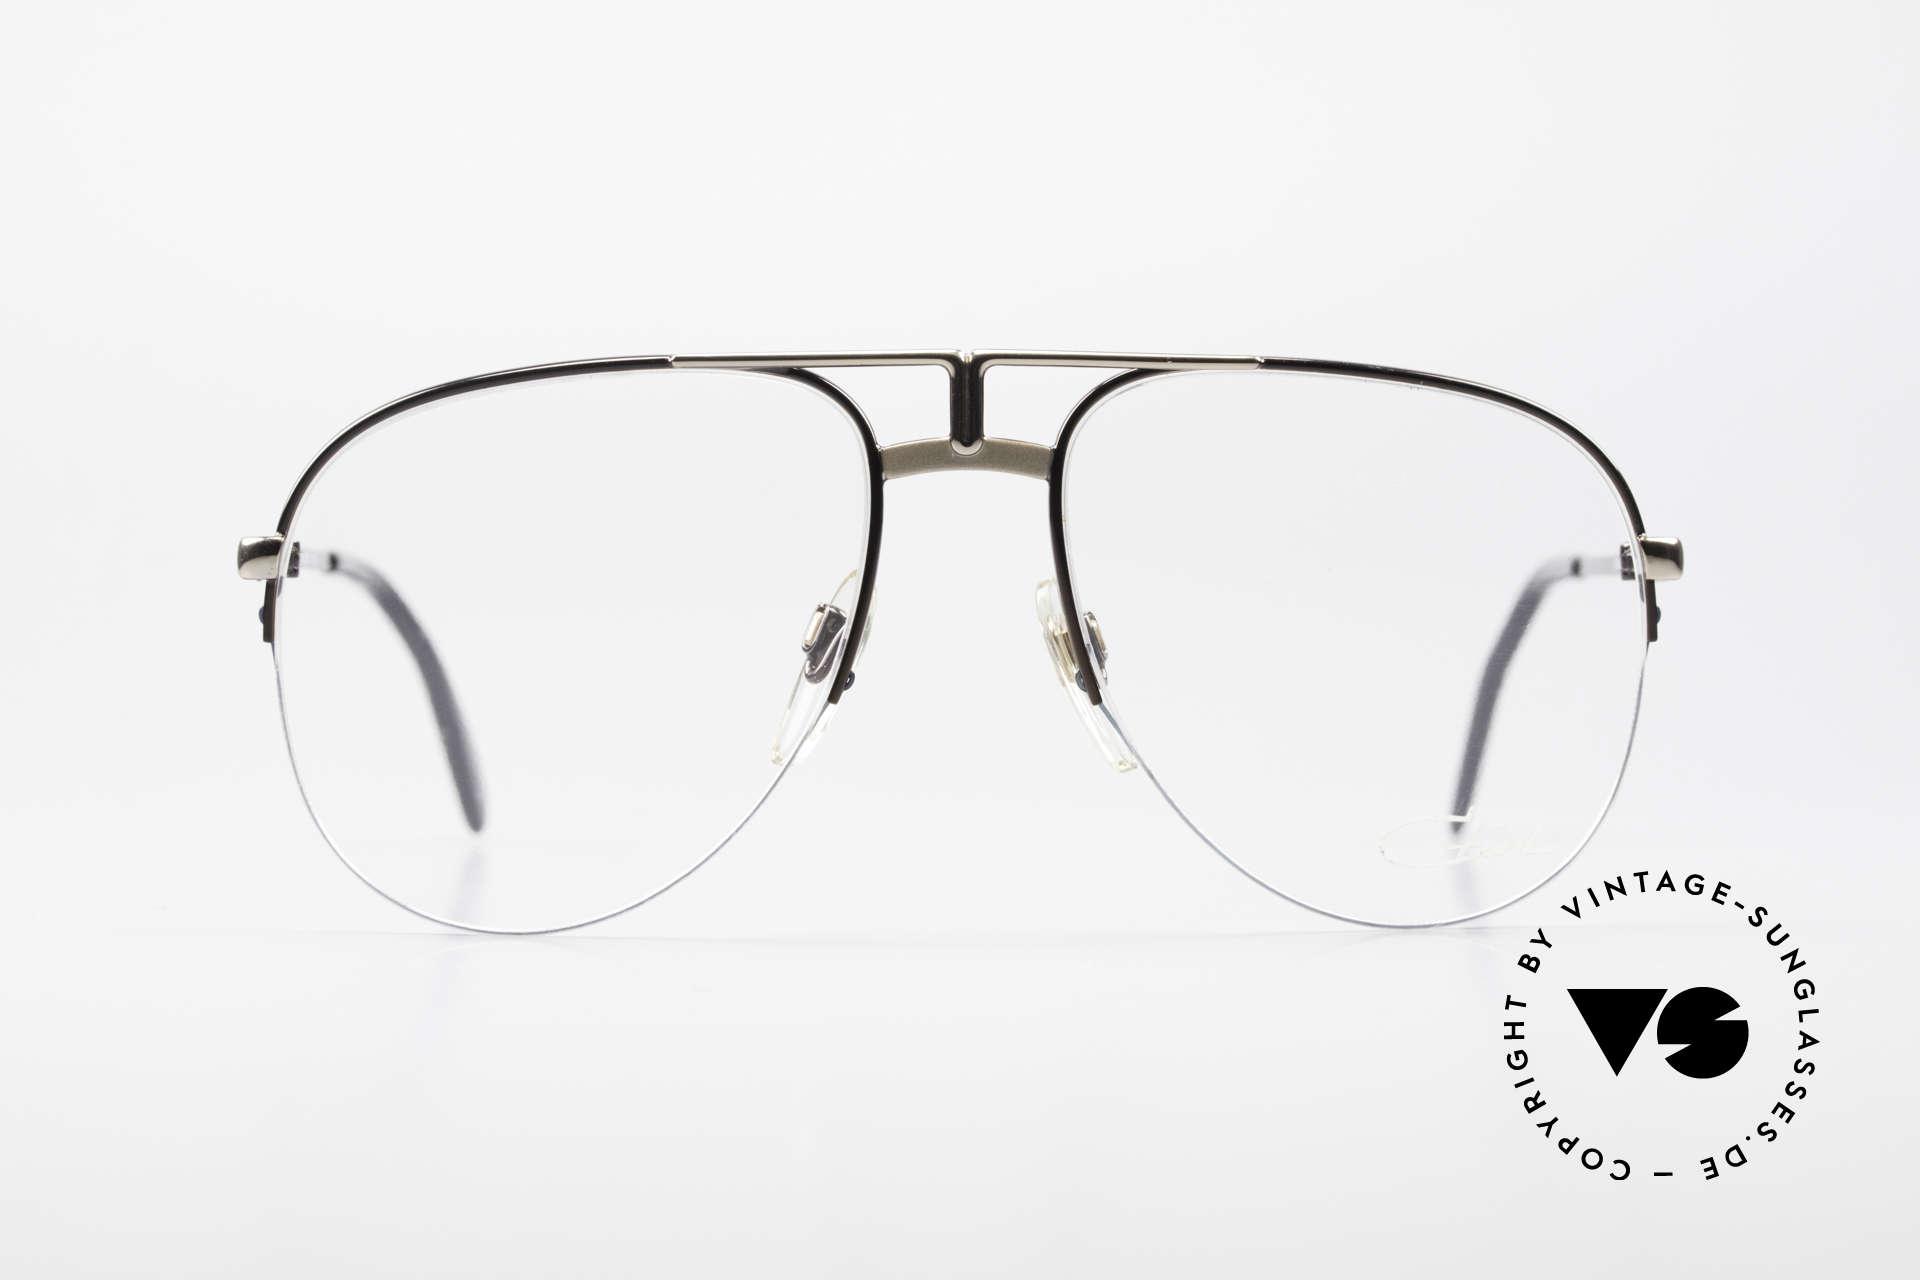 Cazal 717 Alte 80er Brille Halb Randlos, legendäres Pilotenbrillendesign von Cazal, Passend für Herren